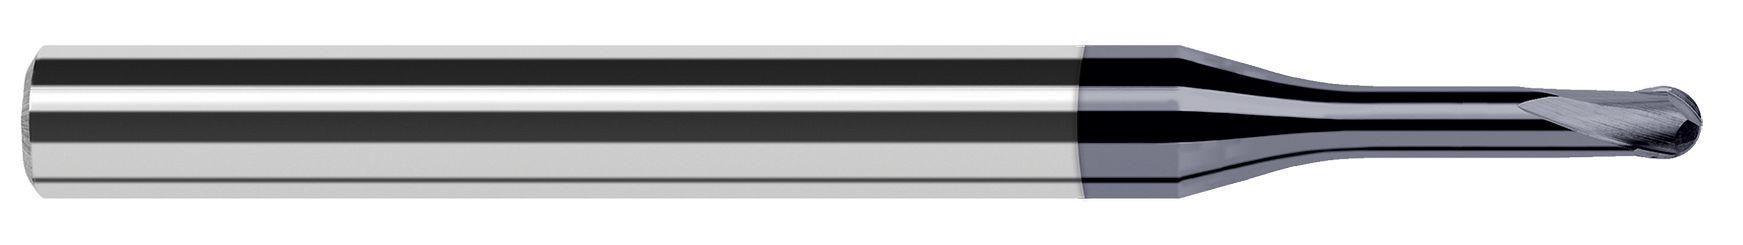 tool-details-31425-C6